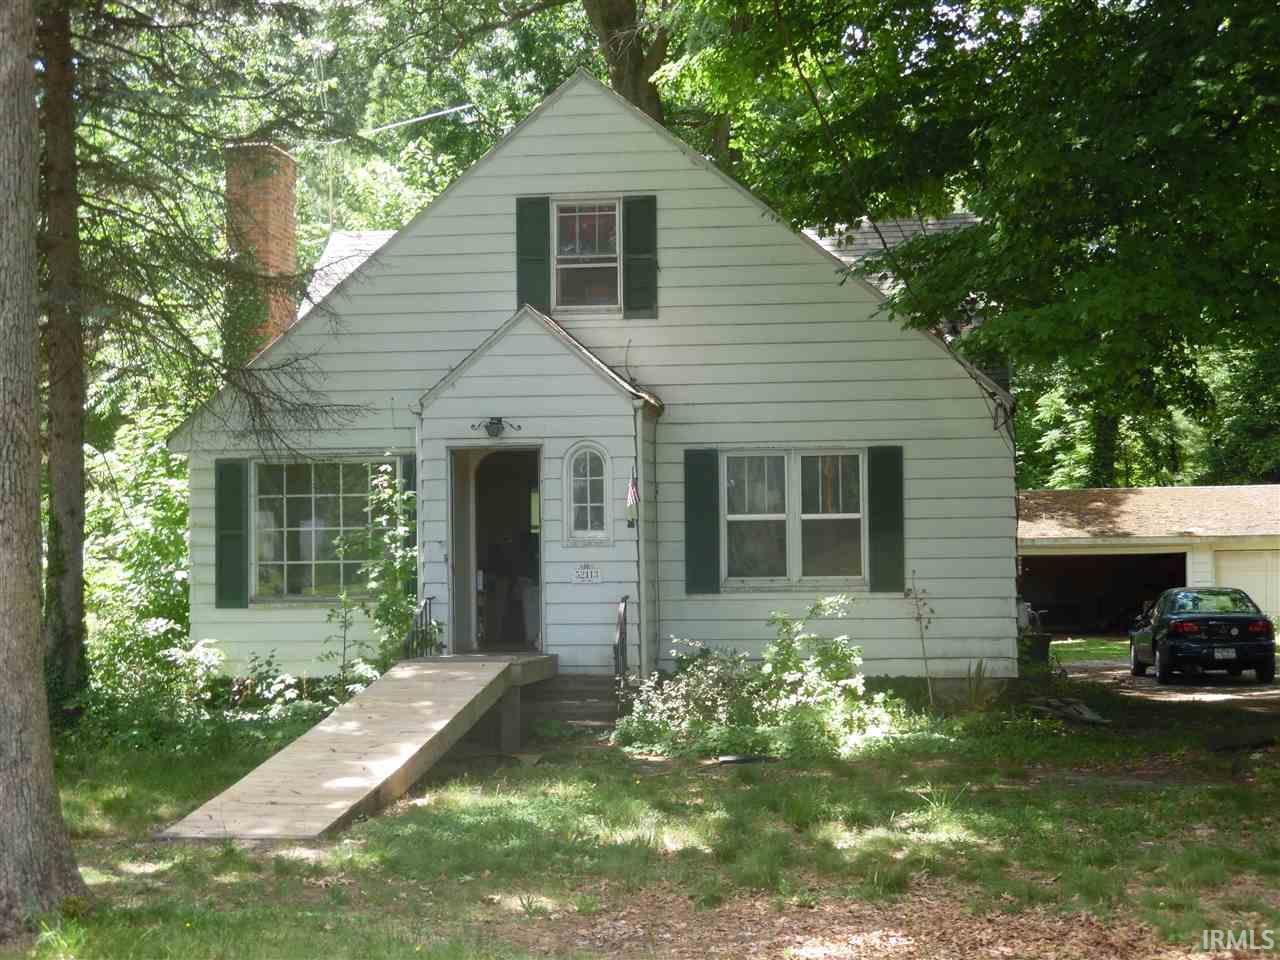 52113 Clover Trail, Granger, IN 46530